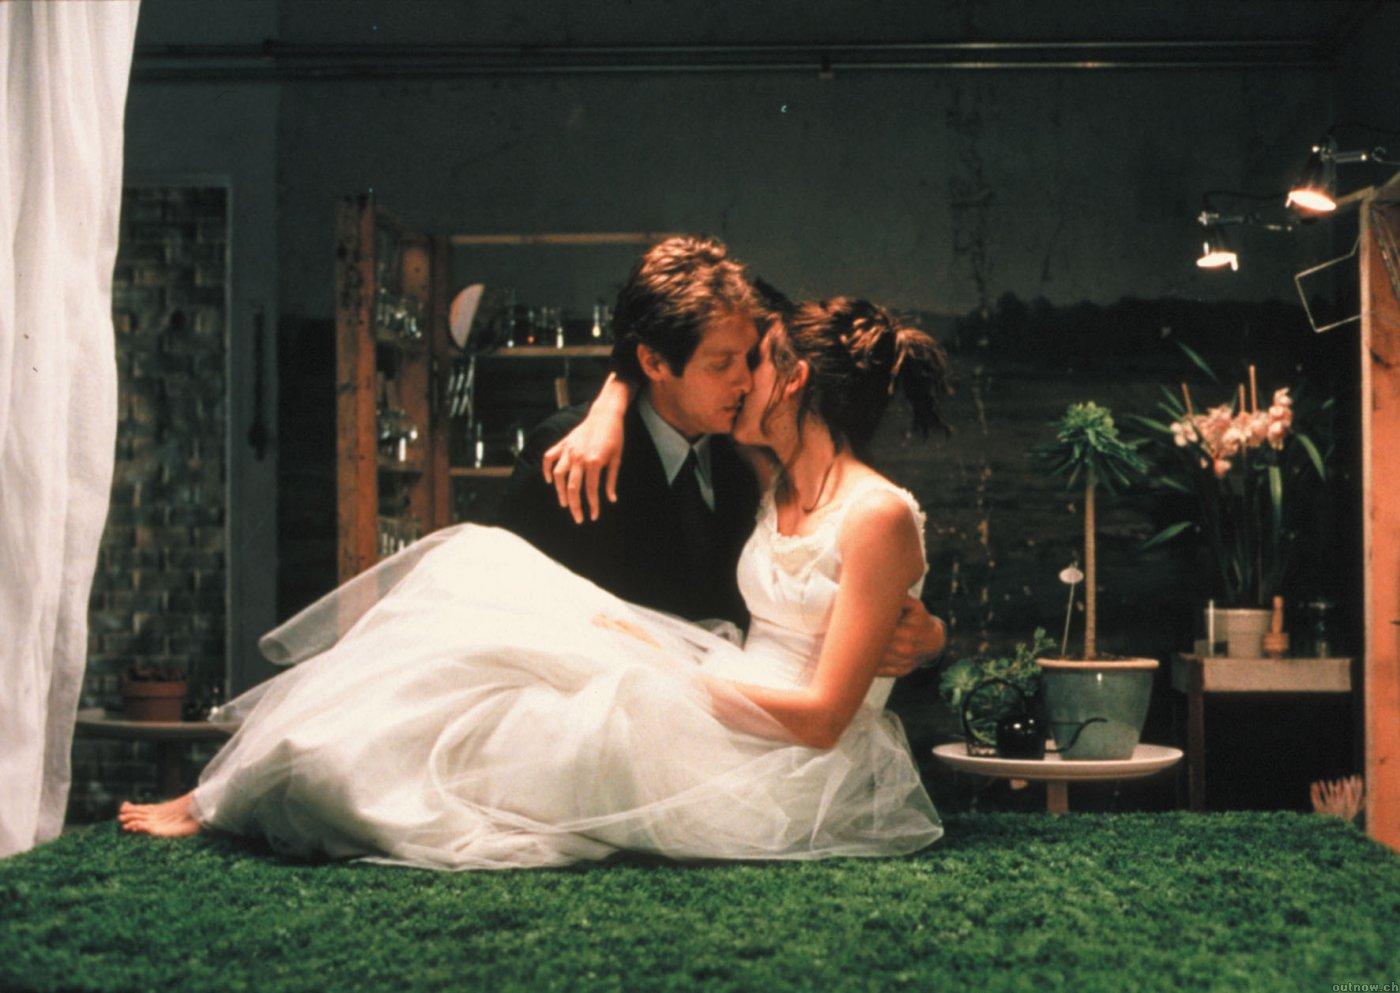 Poze rezolutie mare James Spader - Actor - Poza 30 din 35 ... Maggie Gyllenhaal